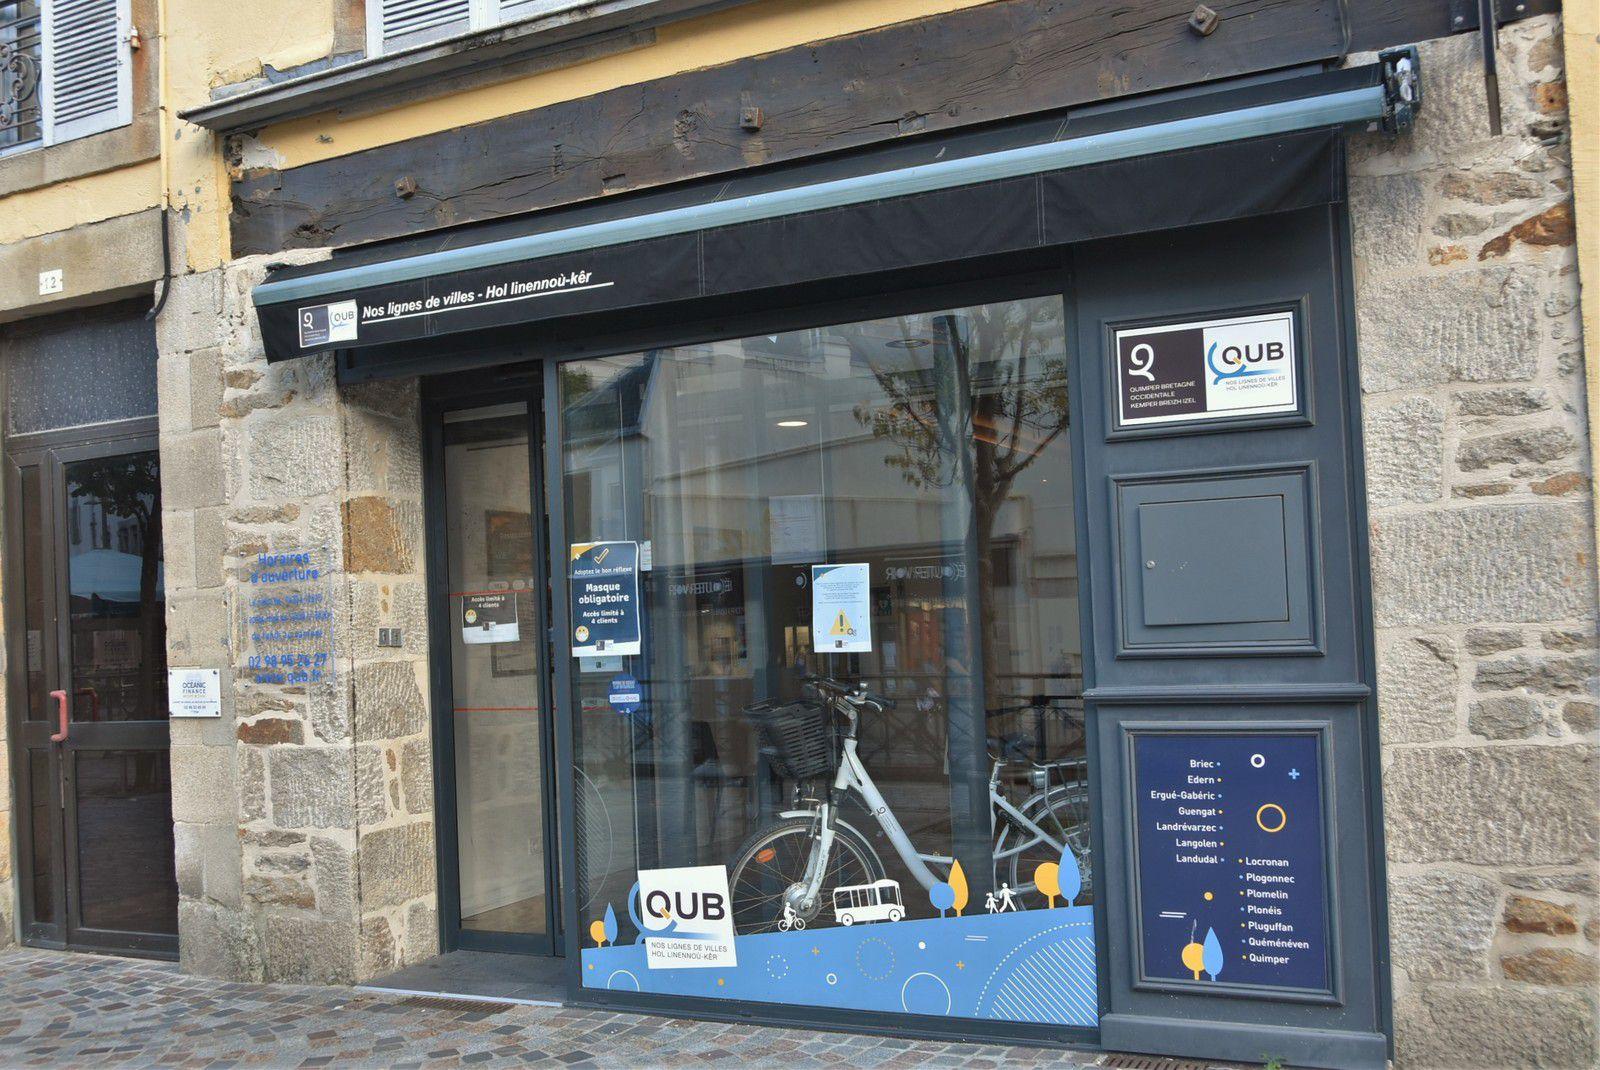 Couvre-feu : Modification des heures d'ouverture de l'agence commerciale  QUB